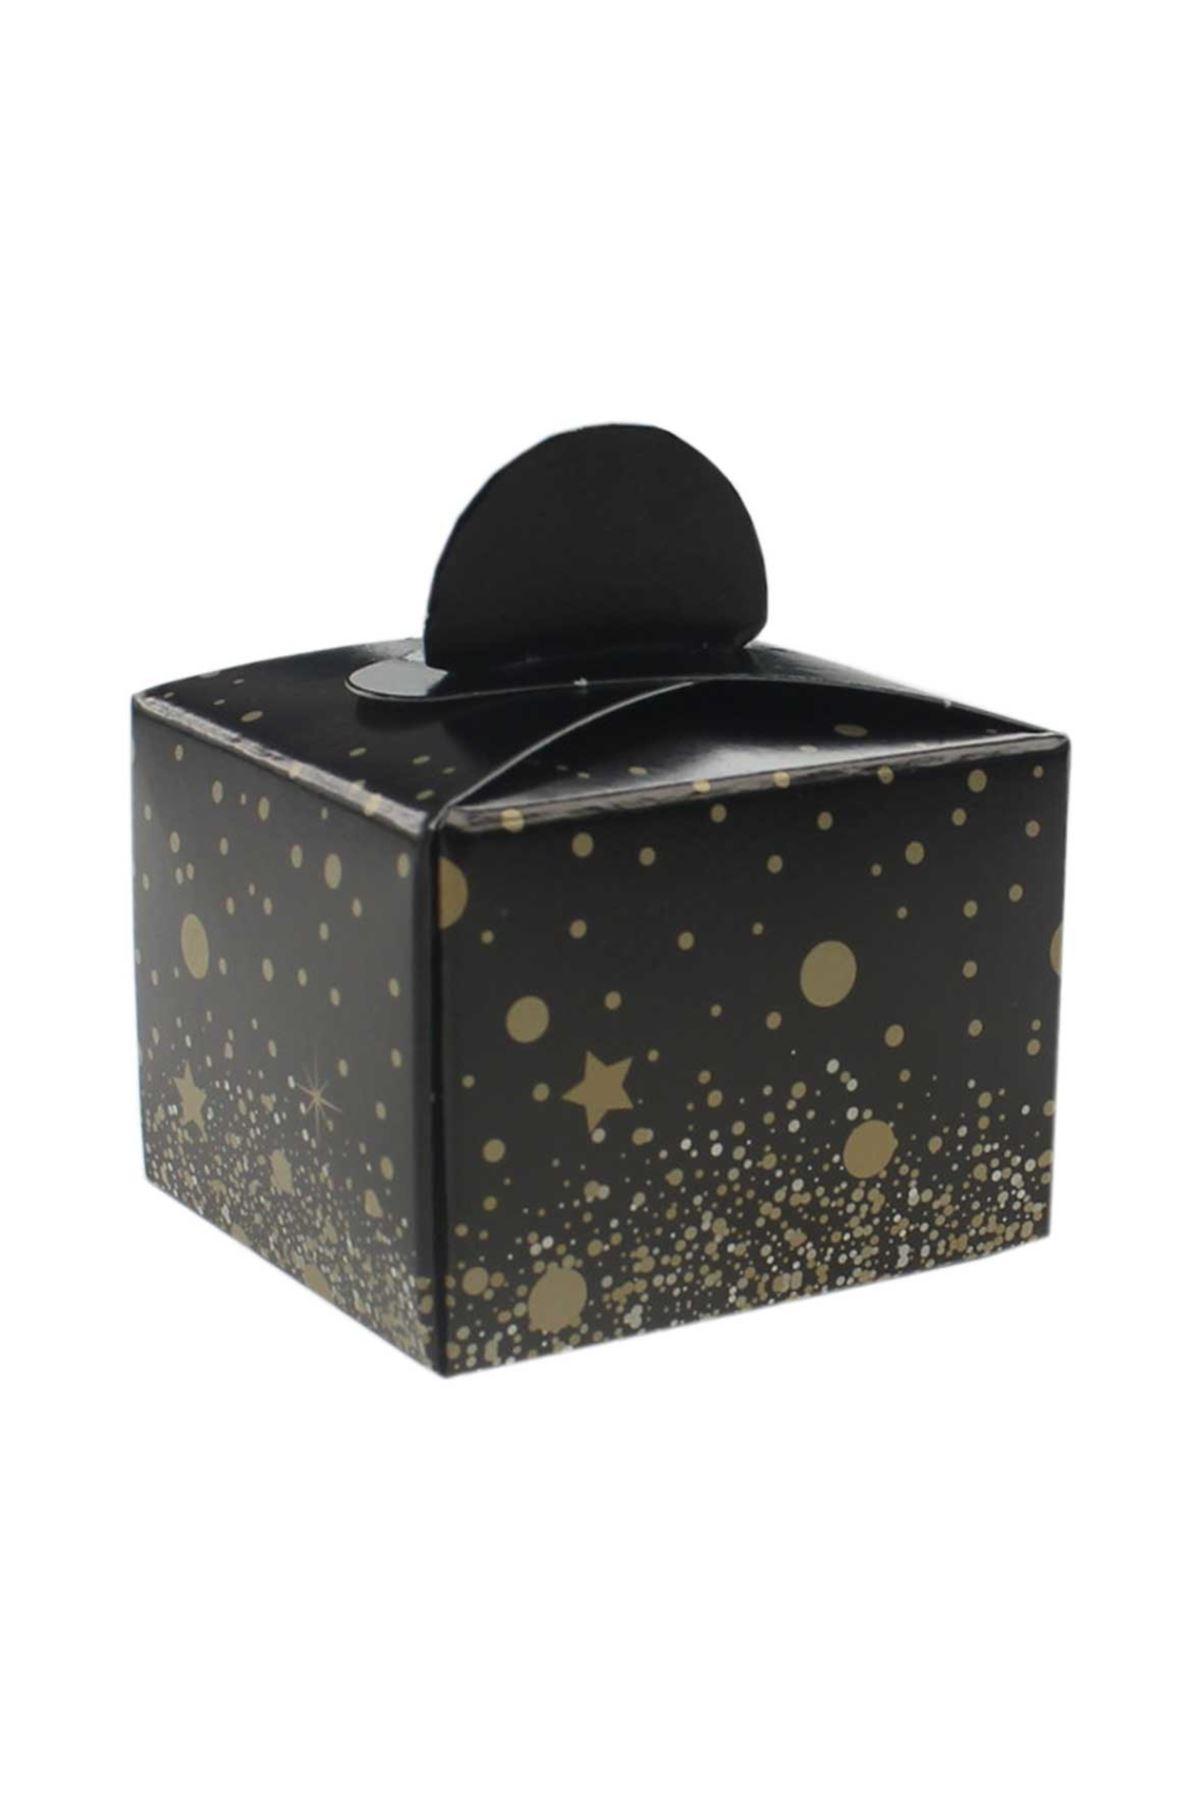 Siyah Üzerine Sarı Puanlı Yıldızlı Lokum Şeker Kutusu